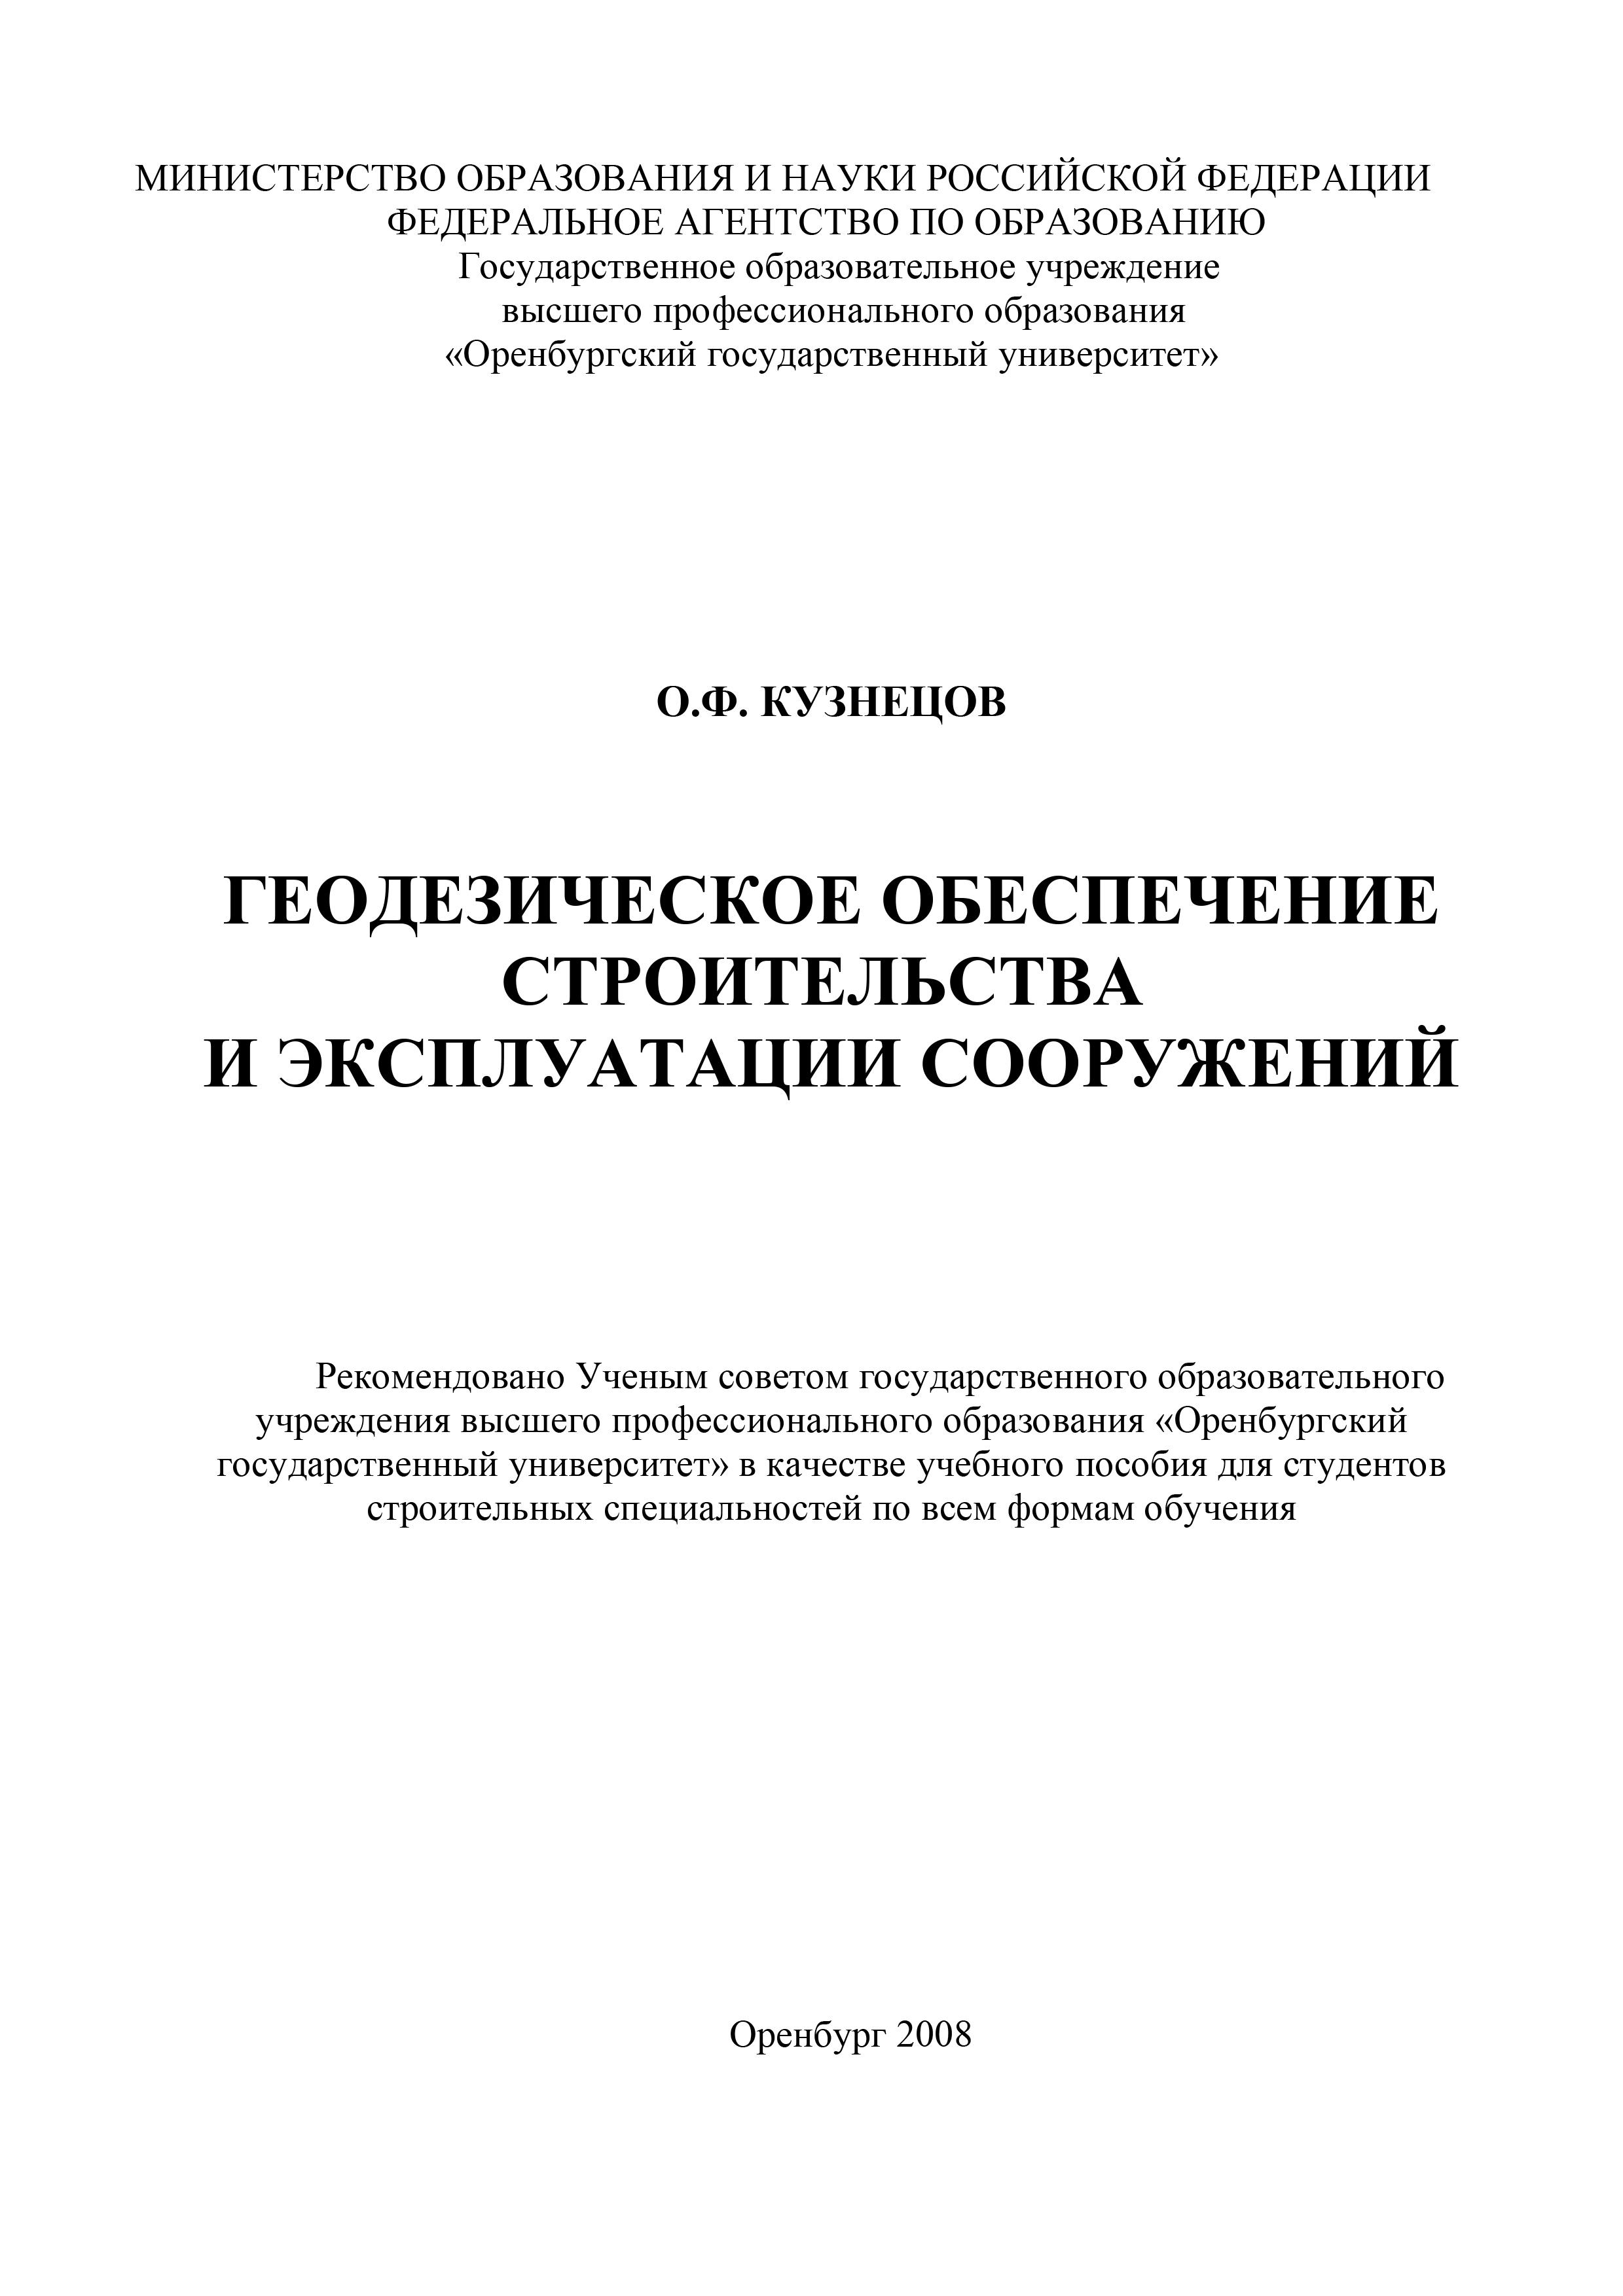 О. Ф. Кузнецов Геодезическое обеспечение строительства и эксплуатации сооружений